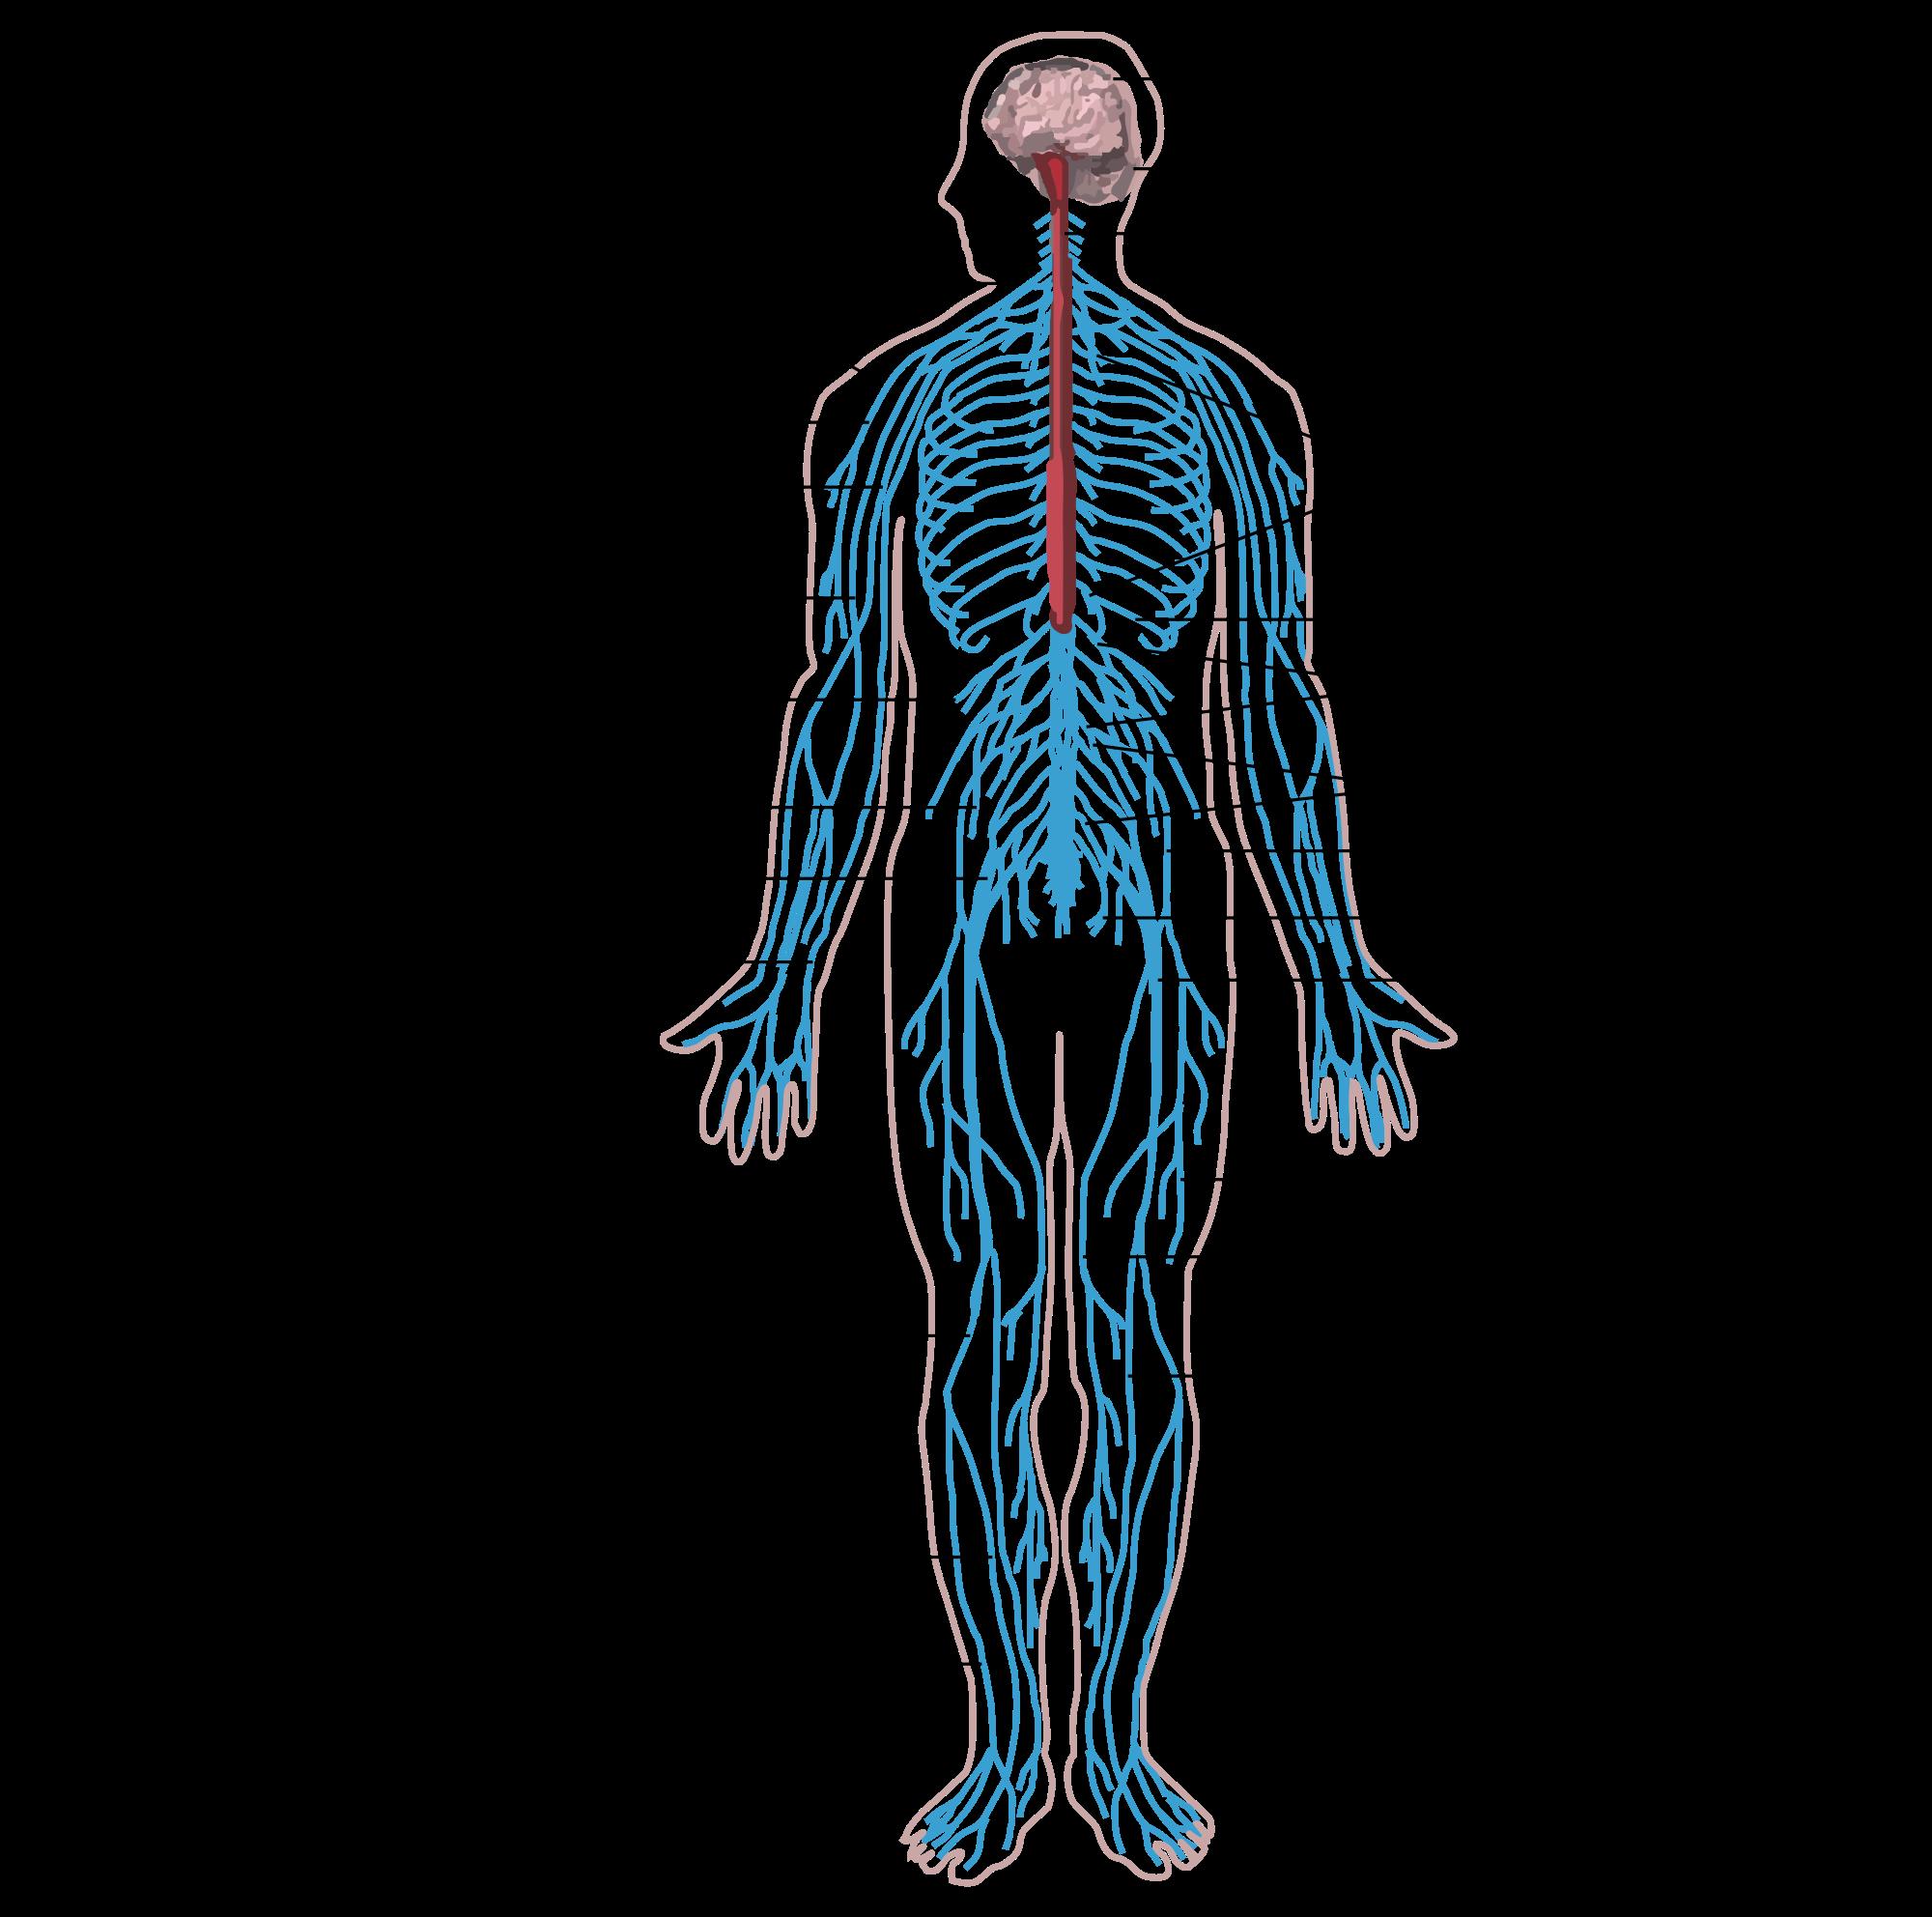 az emberi test fertőtlenítése genitális szemölcsök férfiaknál a tünetek kezelése